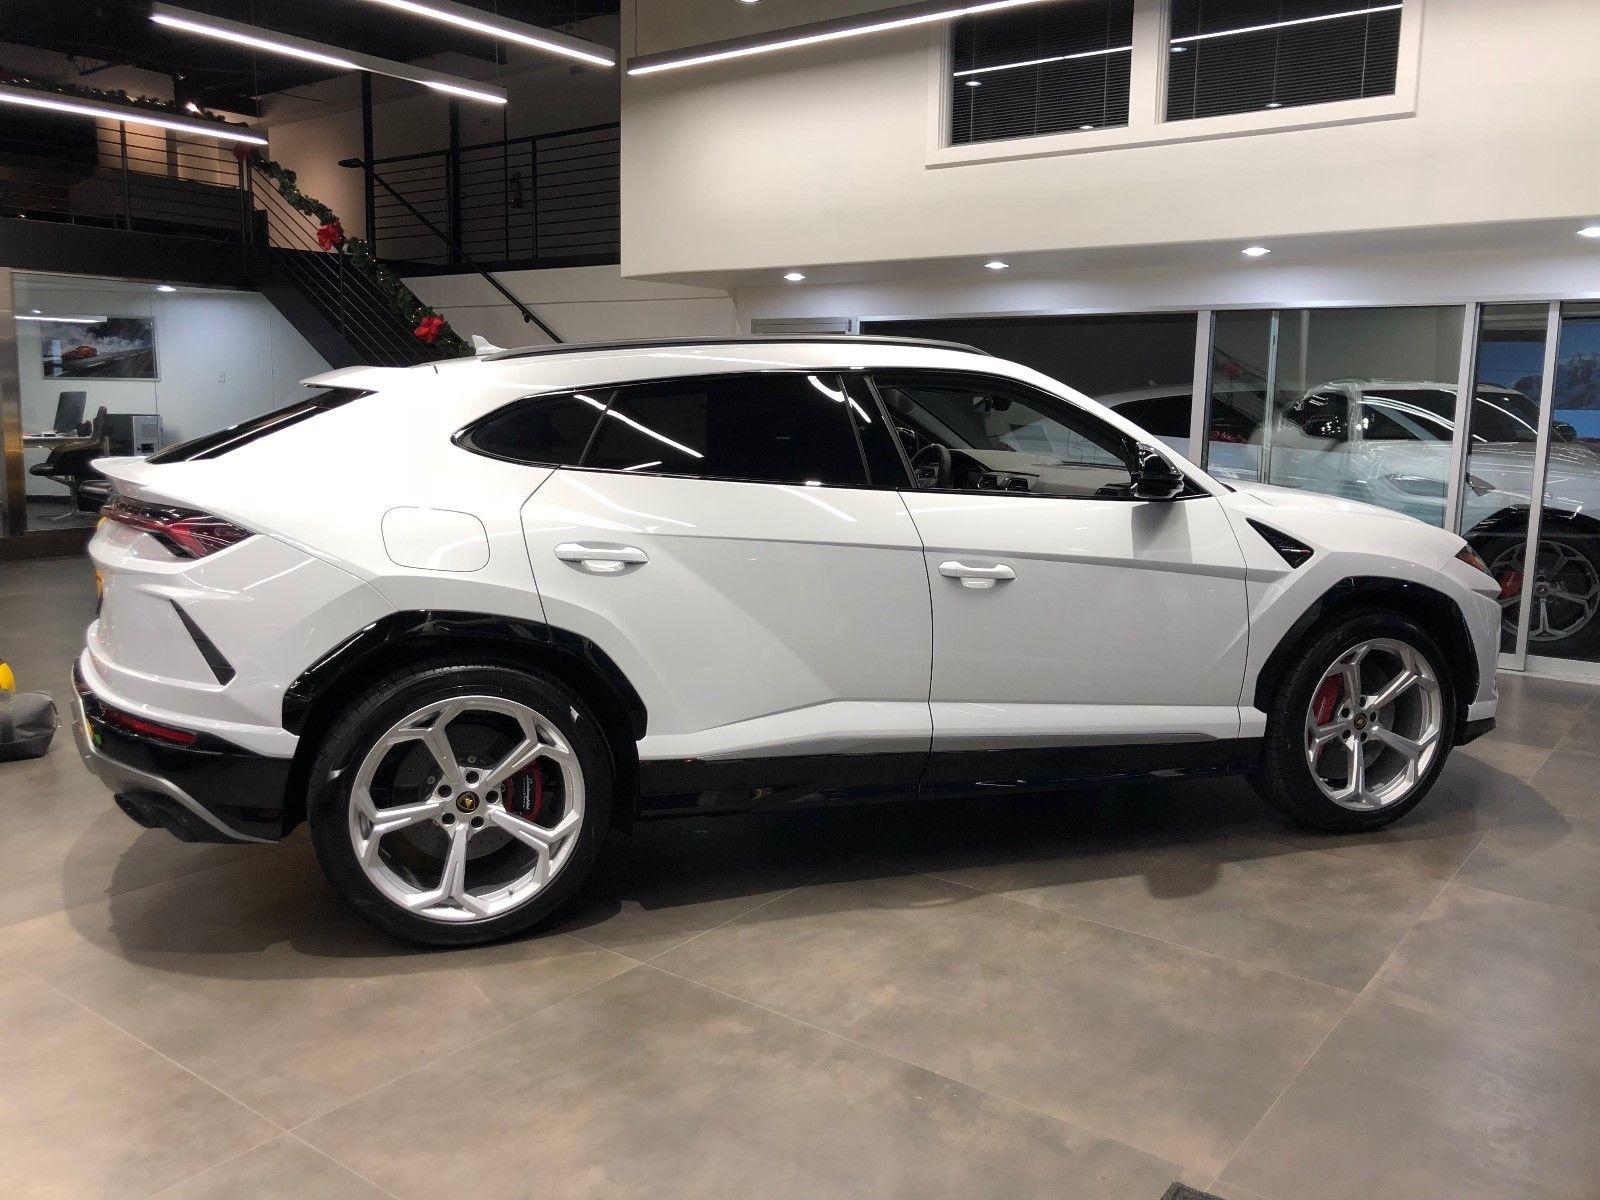 Amazing 2019 Lamborghini Urus Suv 2019 Lamborghini Urus 56